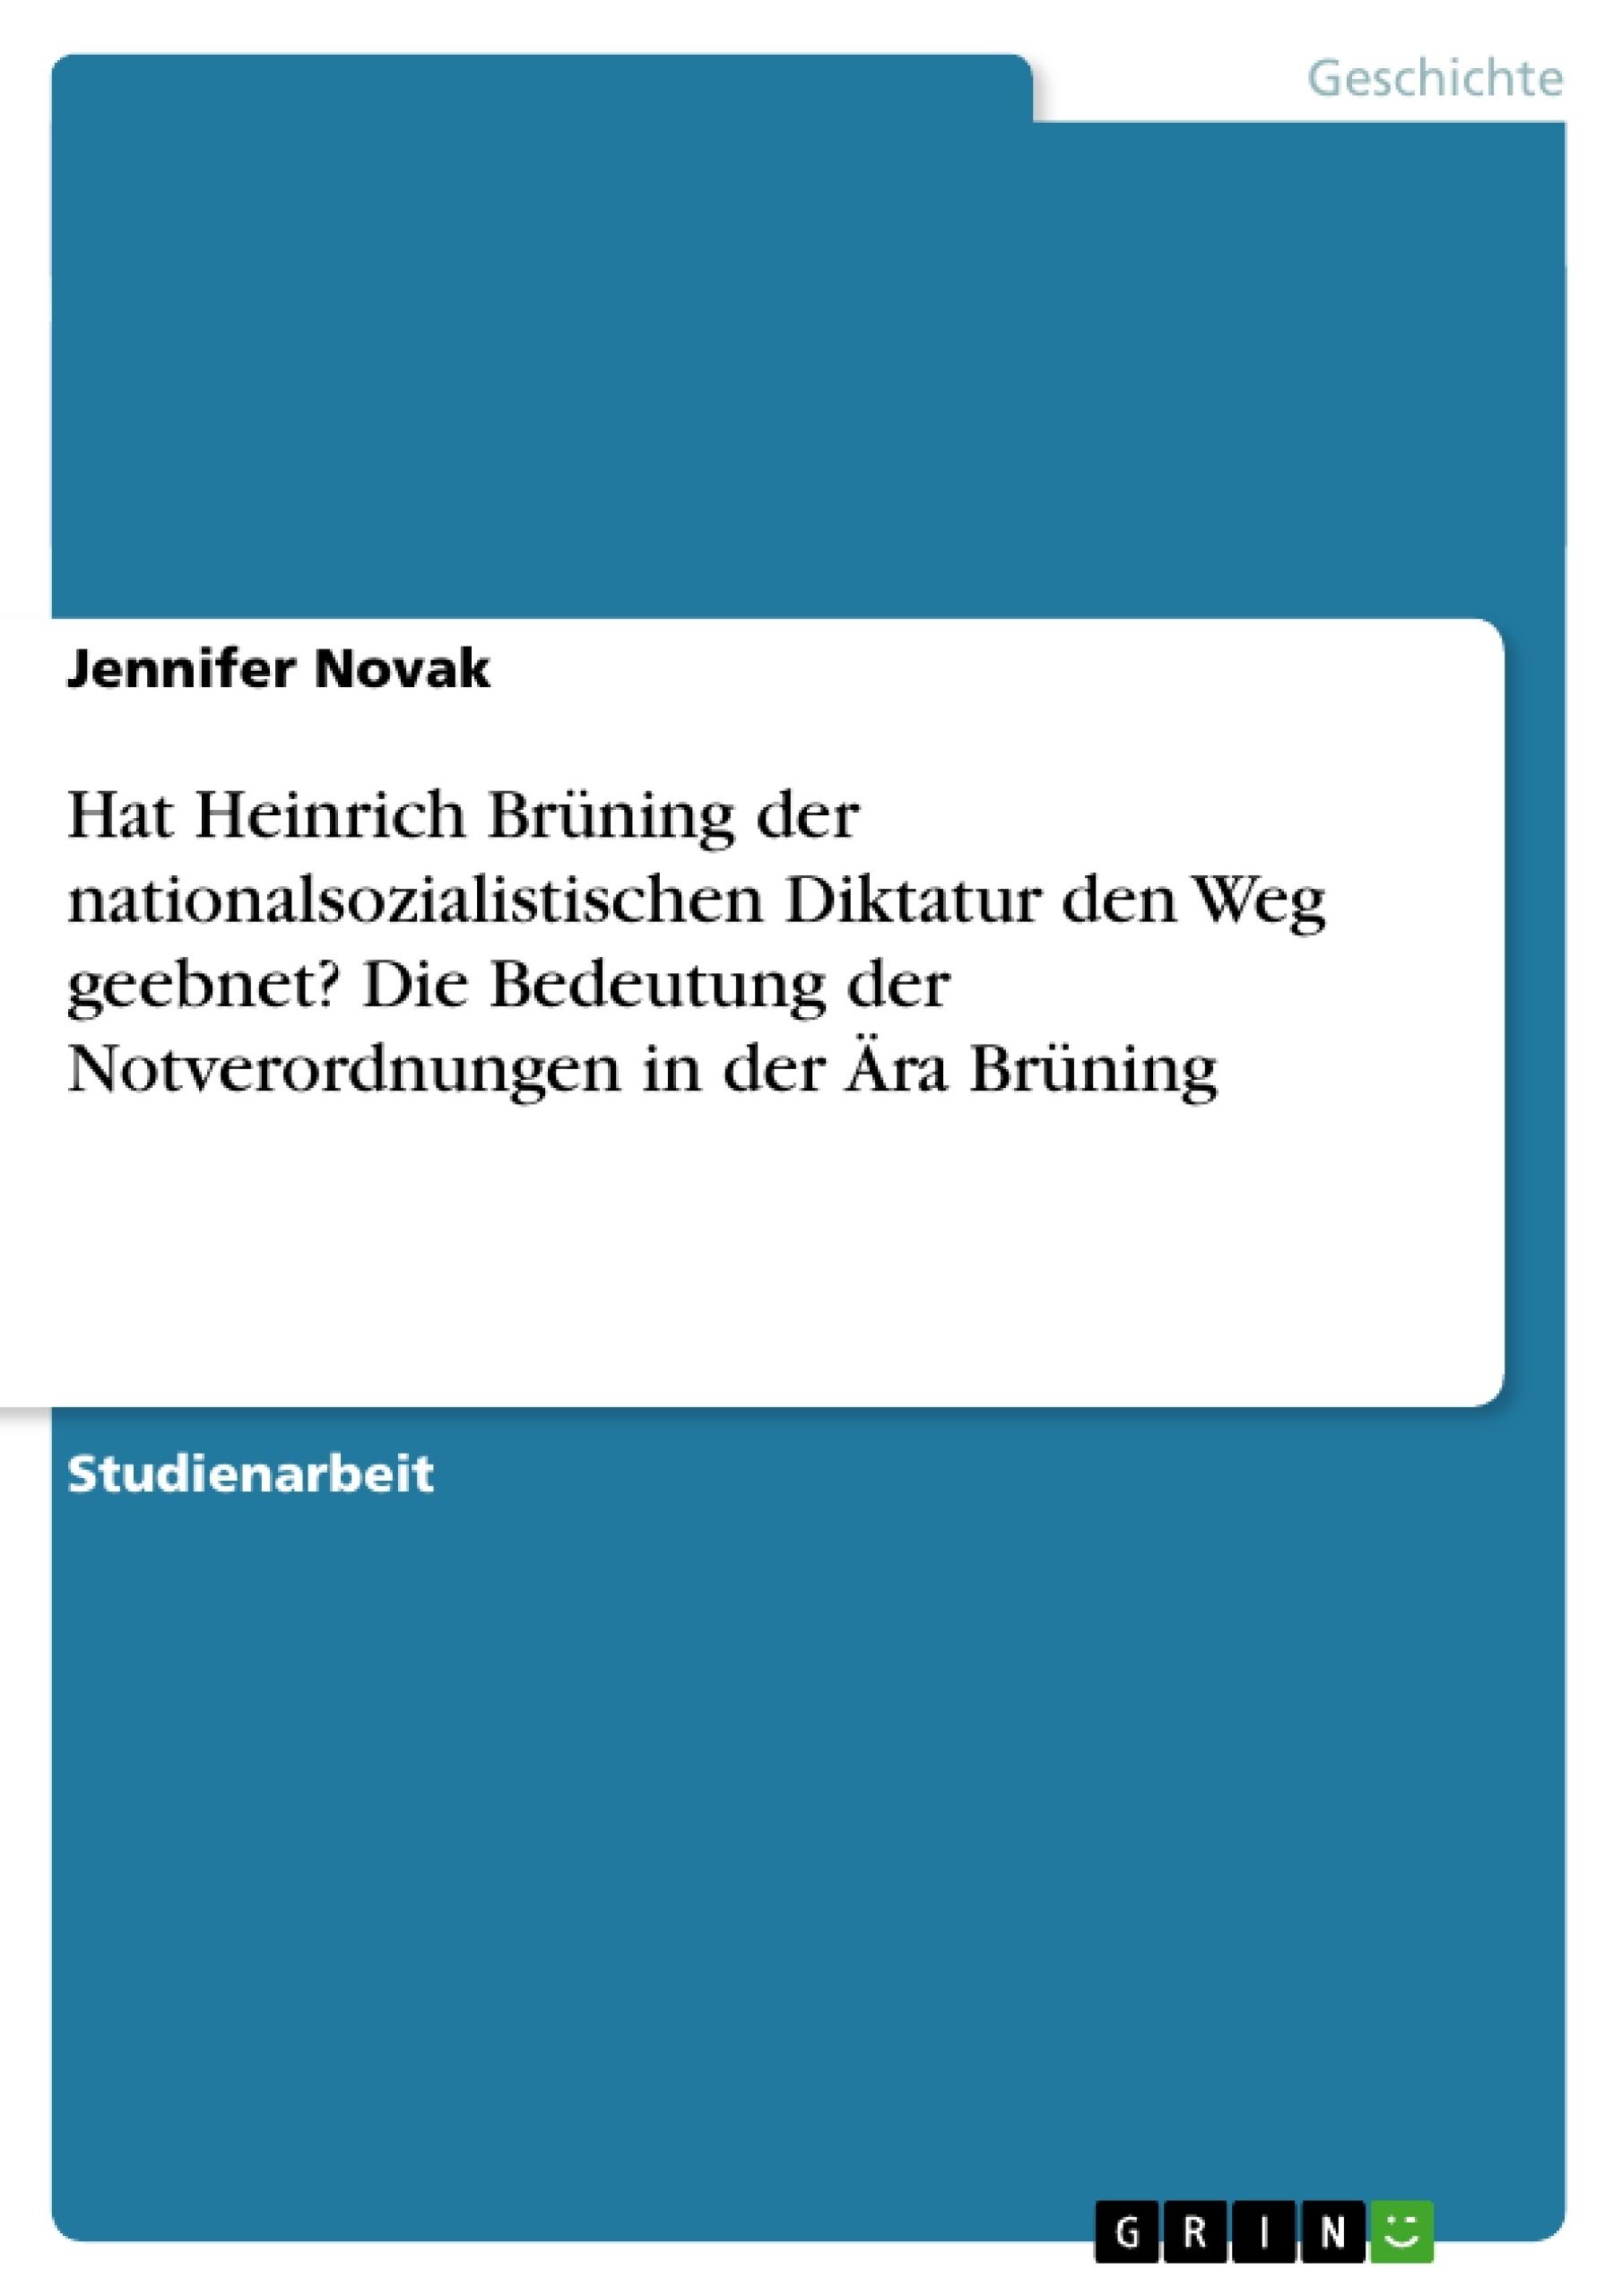 Titel: Hat Heinrich Brüning der nationalsozialistischen Diktatur den Weg geebnet? Die Bedeutung der Notverordnungen in der Ära Brüning